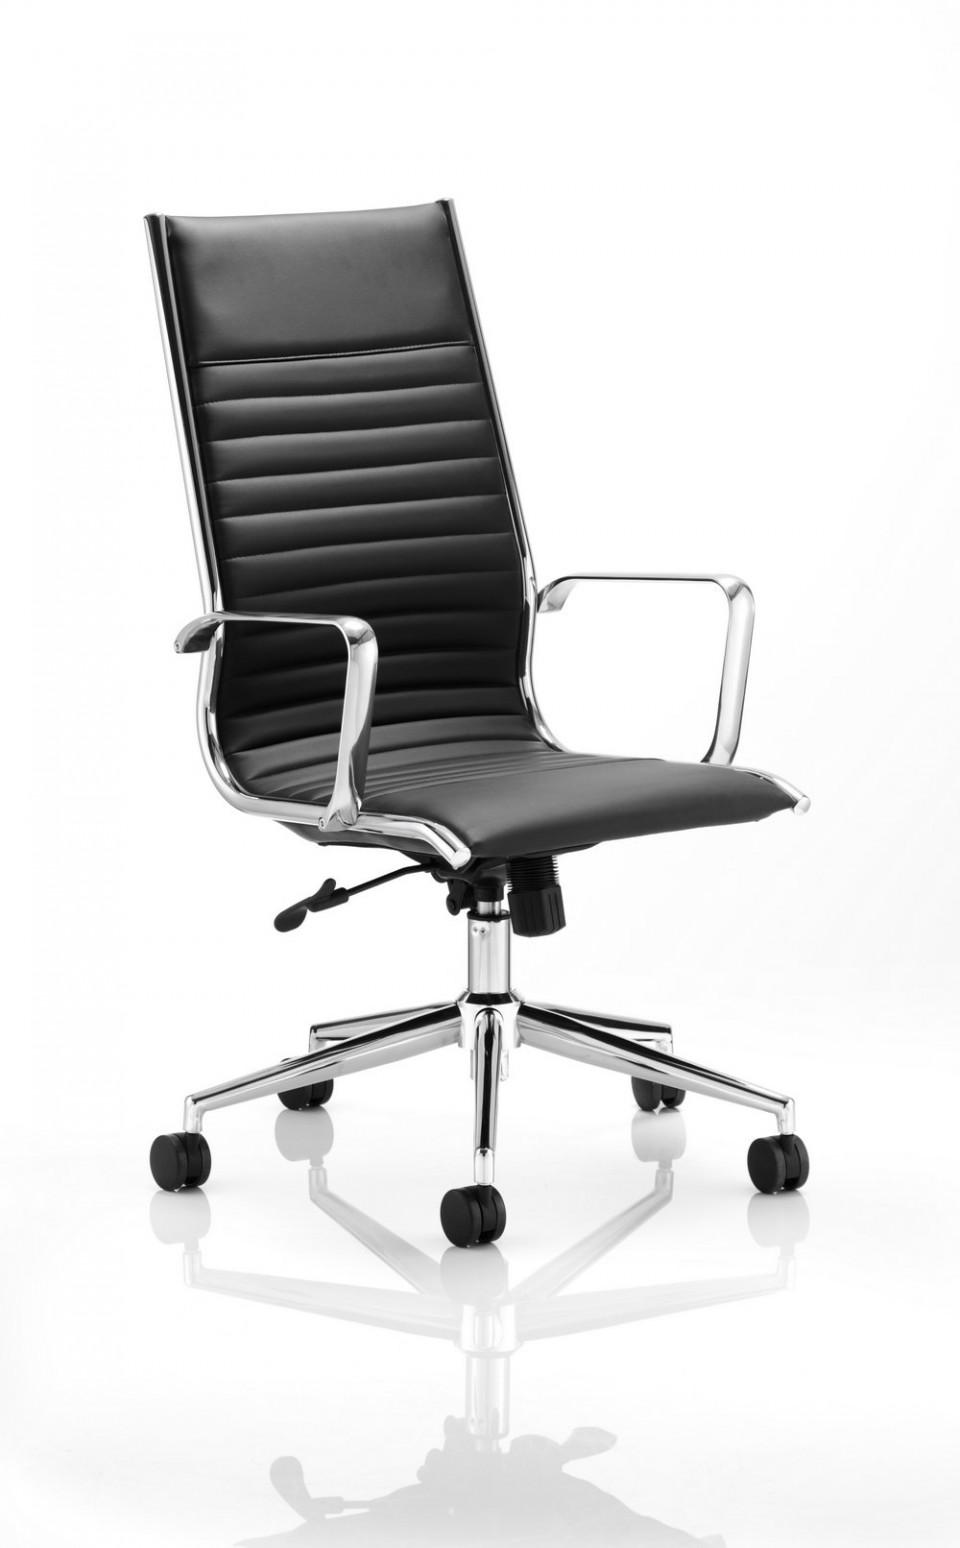 fauteuil de bureau cuir ritz achat fauteuils de direction 325 00. Black Bedroom Furniture Sets. Home Design Ideas